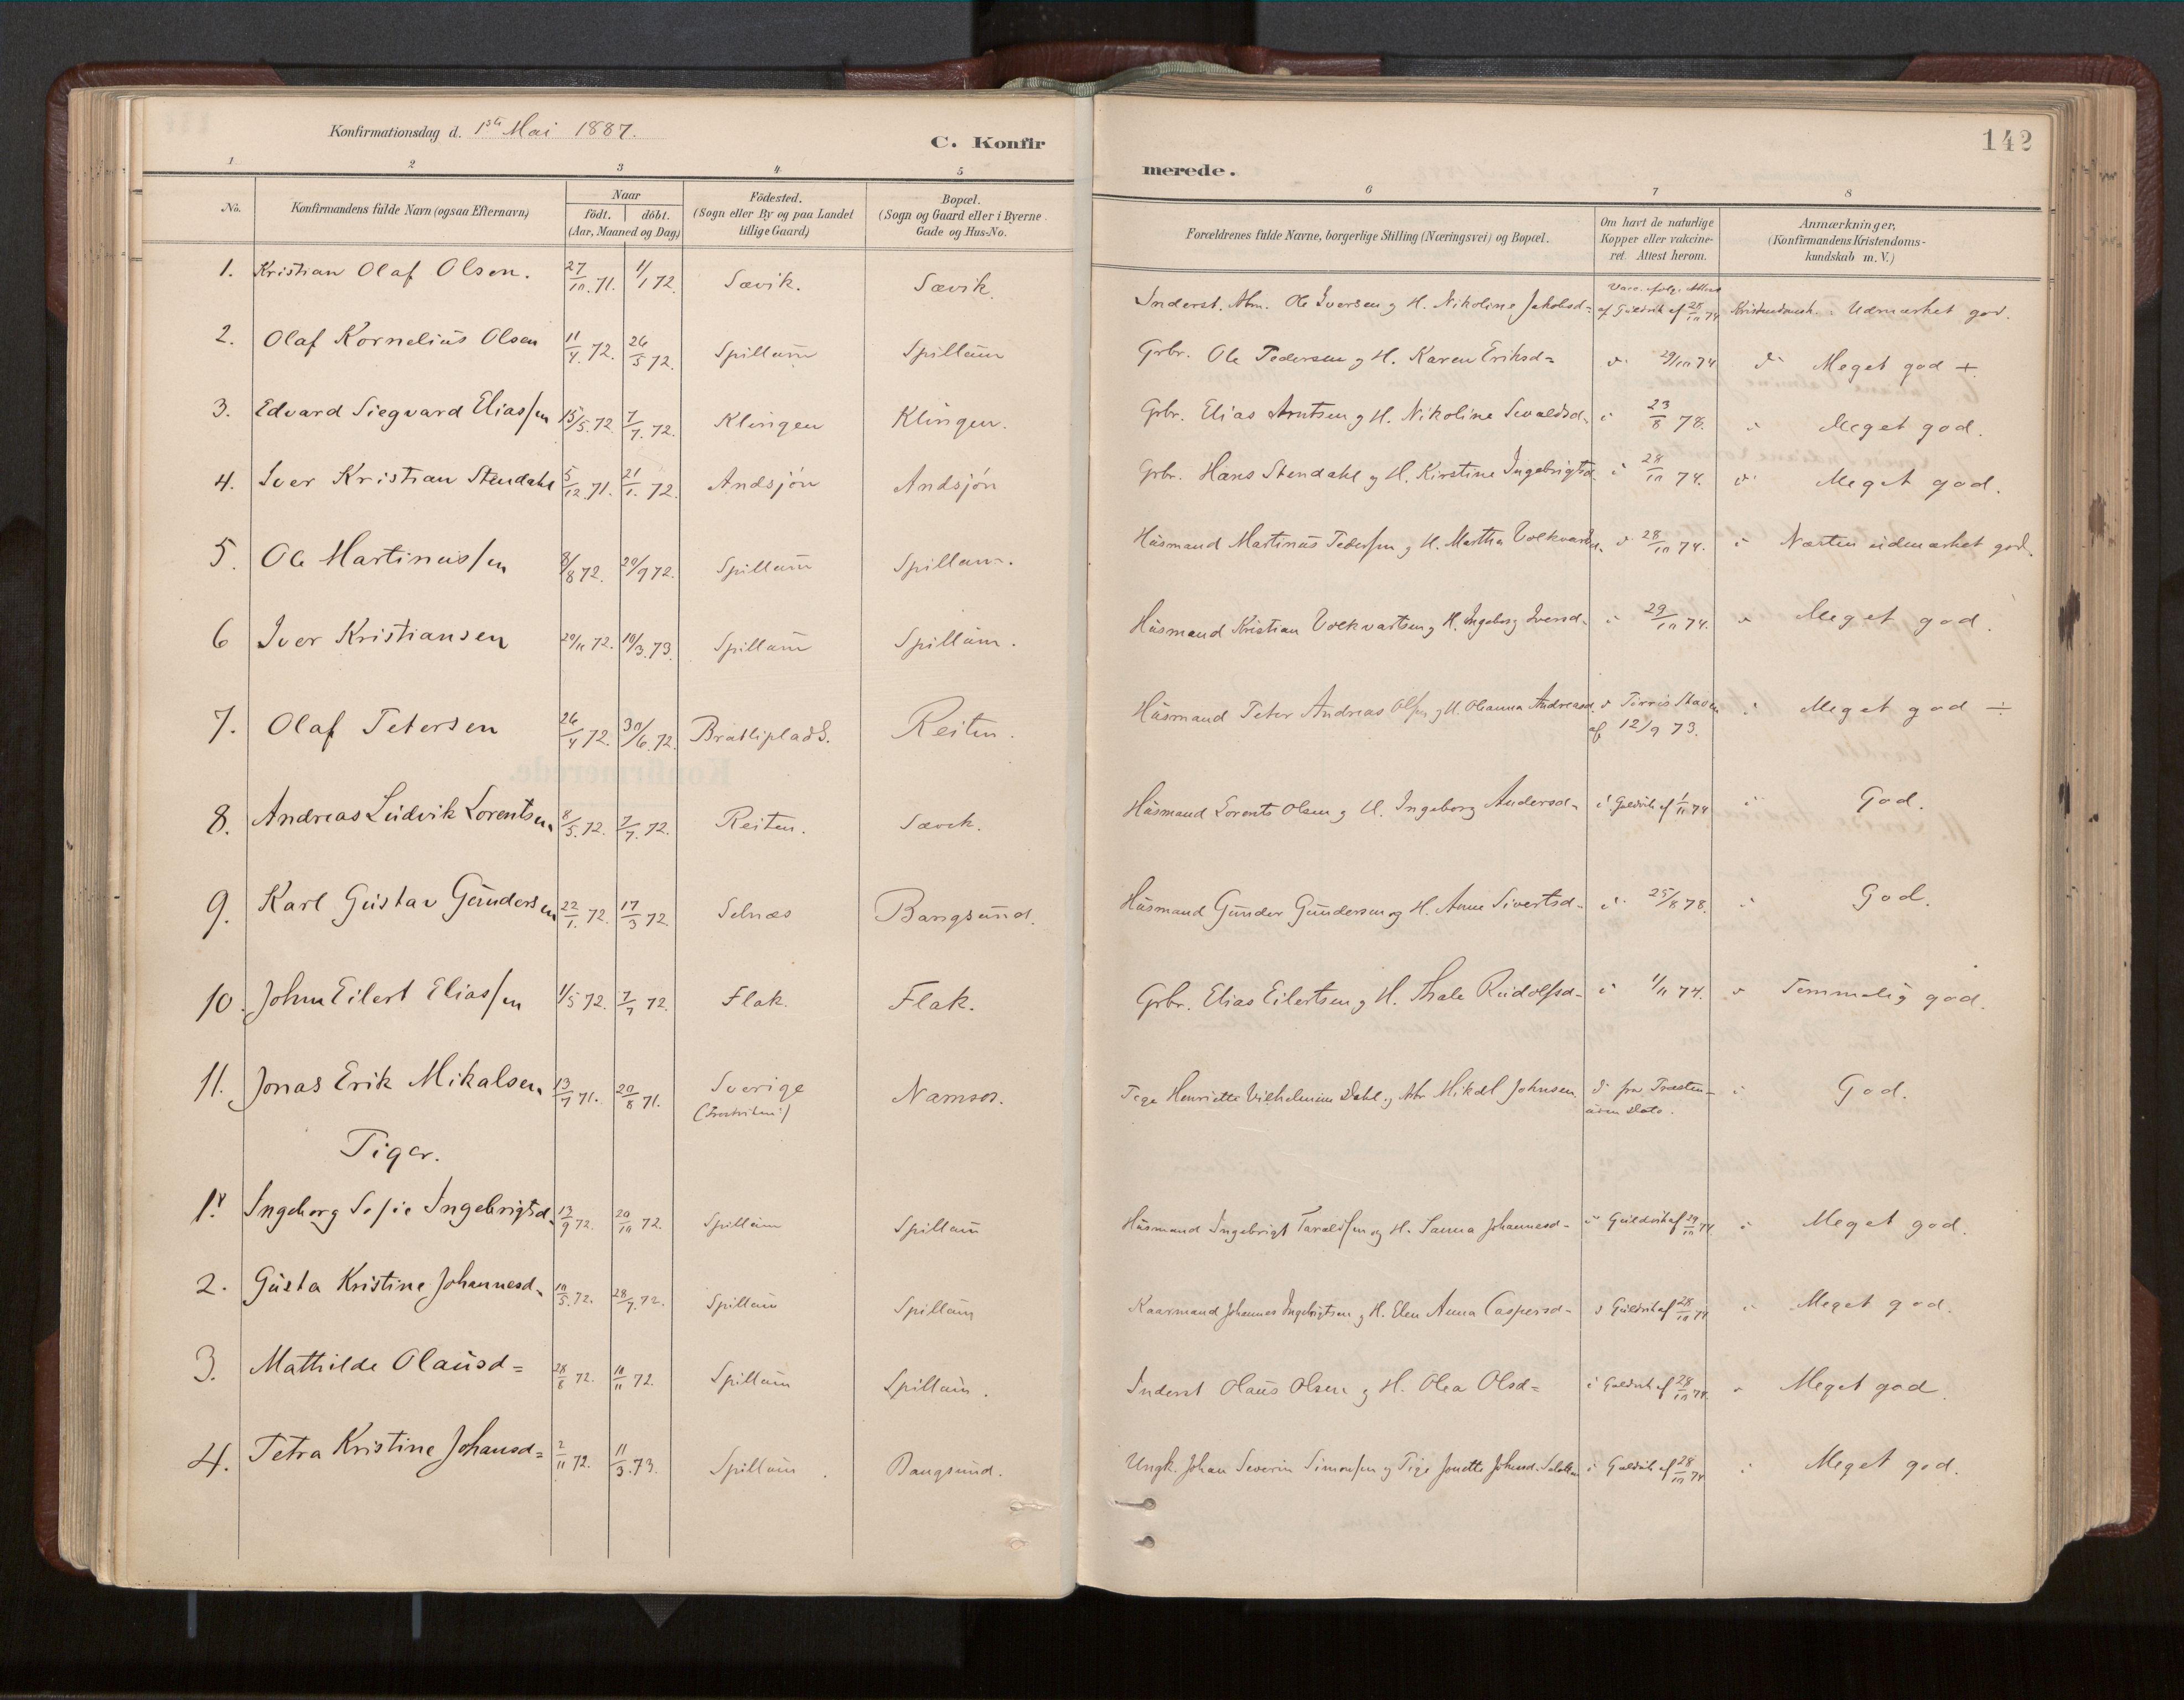 SAT, Ministerialprotokoller, klokkerbøker og fødselsregistre - Nord-Trøndelag, 770/L0589: Ministerialbok nr. 770A03, 1887-1929, s. 142